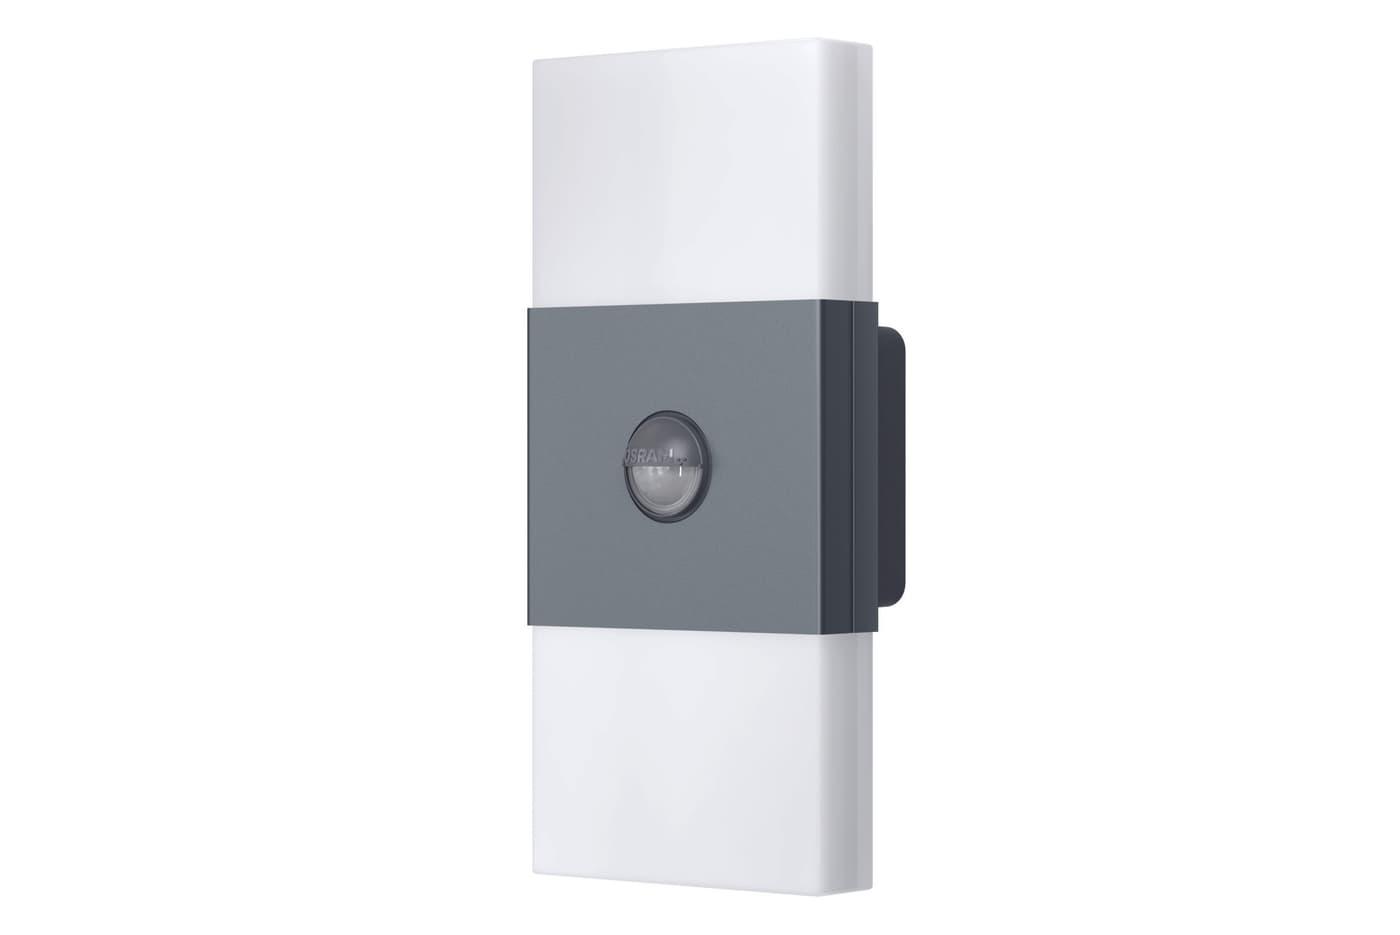 Plafoniere Da Parete Per Esterno : Osram noxlite lampada da parete per esterno luci a sensore